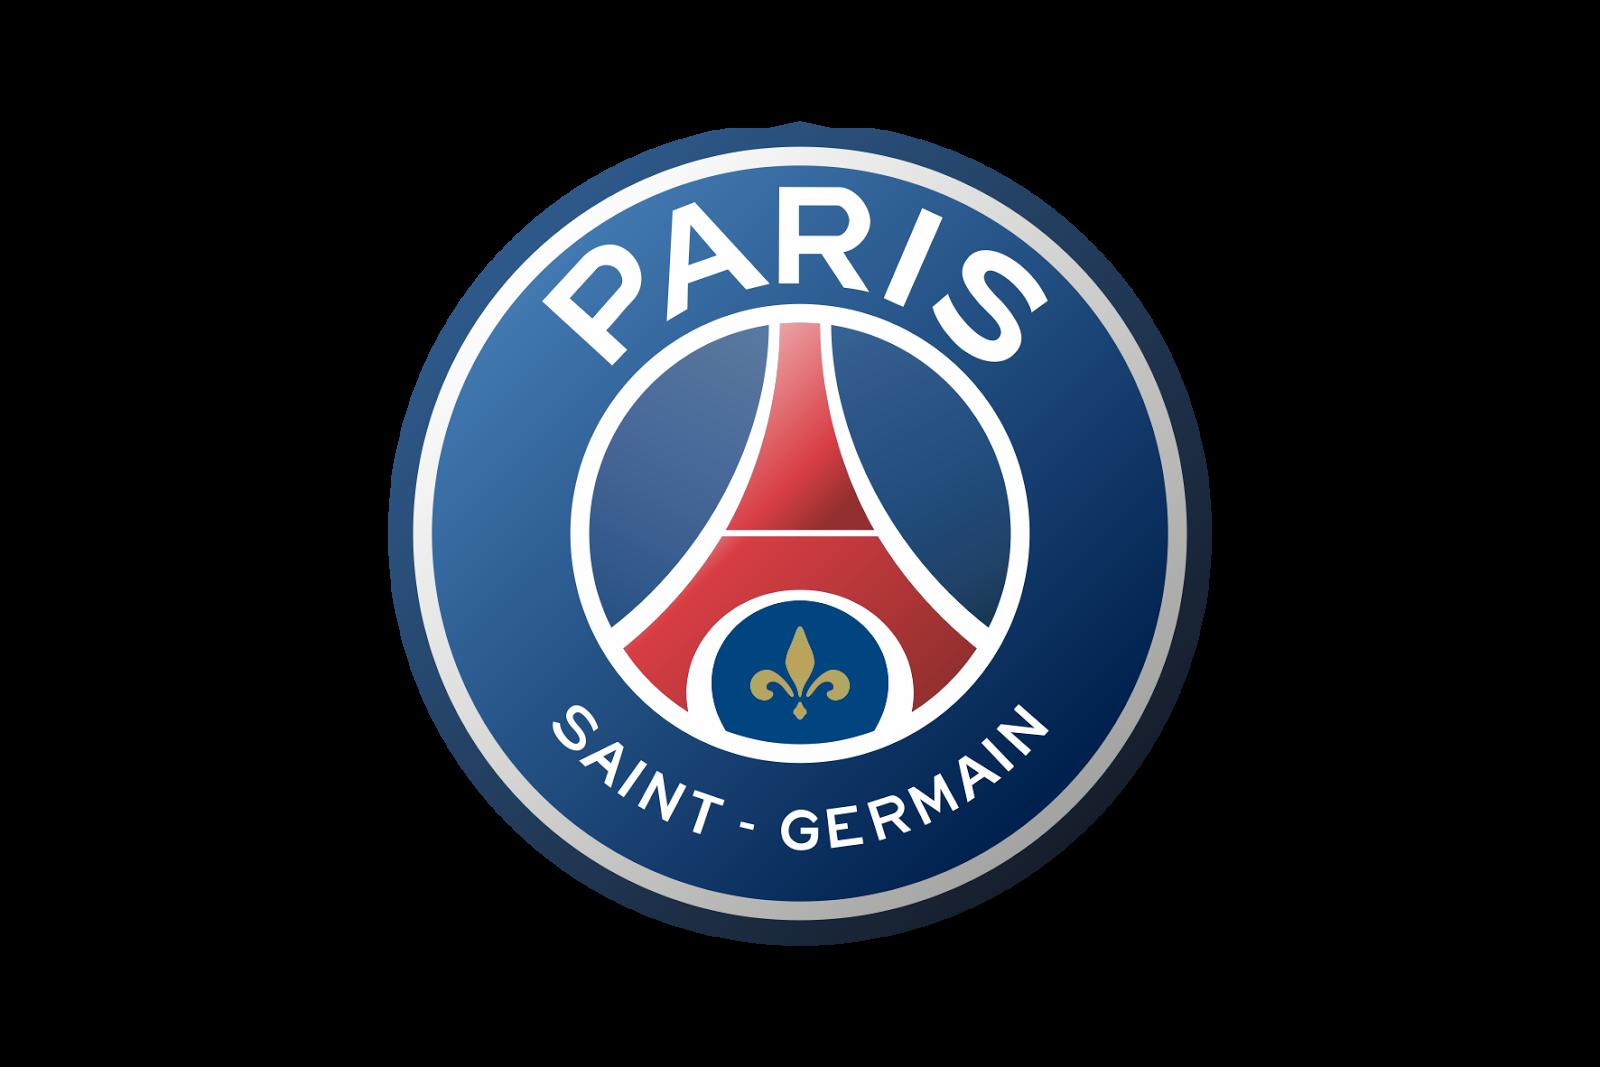 En Images L Histoire Des Logos Du Psg Le Parisien Psg Psg Logo Saint Germain